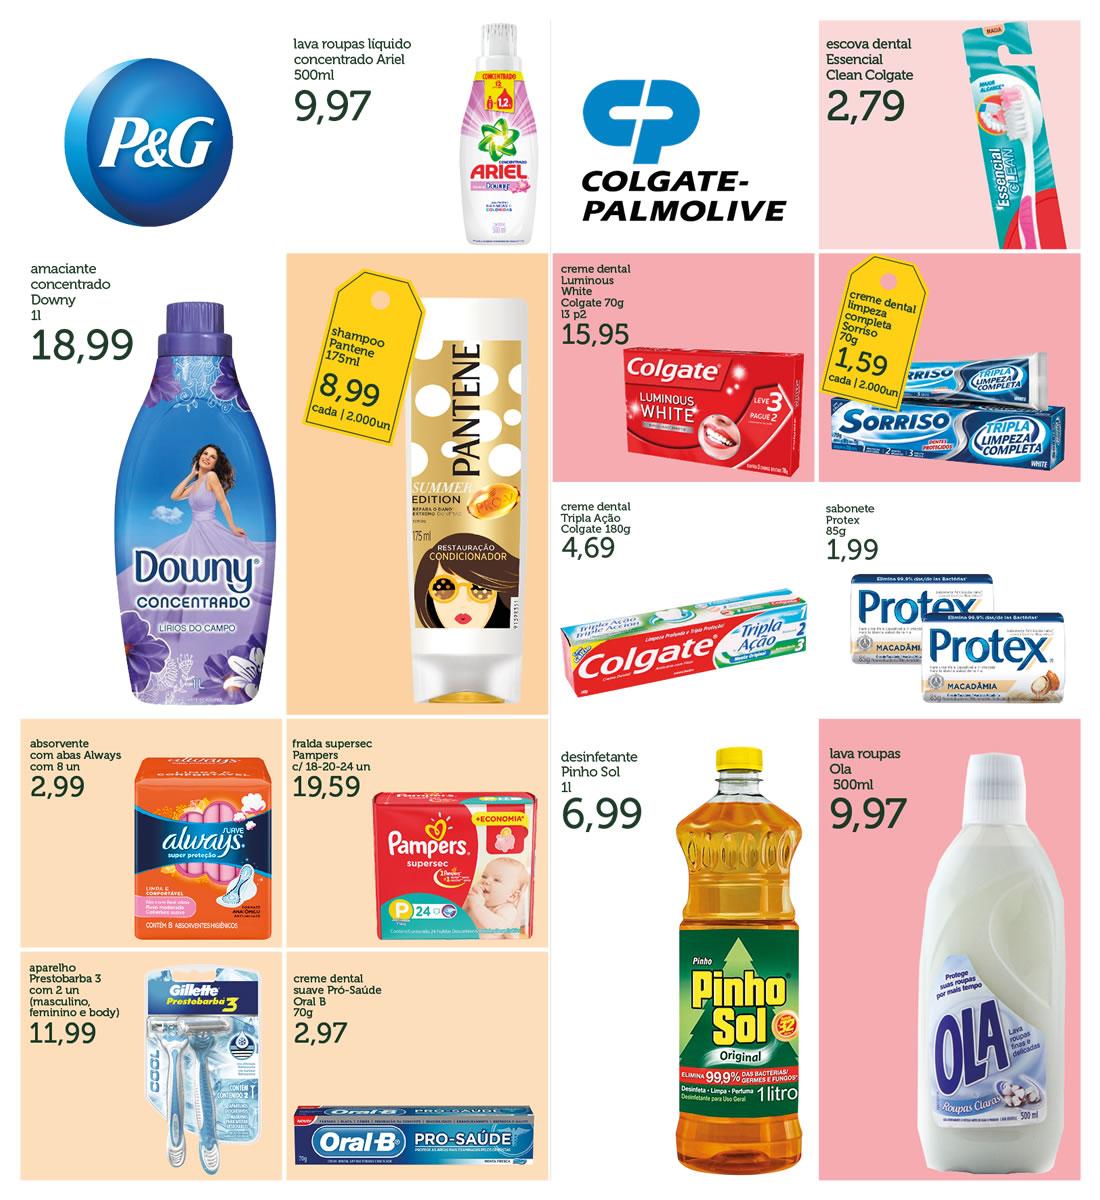 caita_supermercados_tabloide_agosto2018_bento13